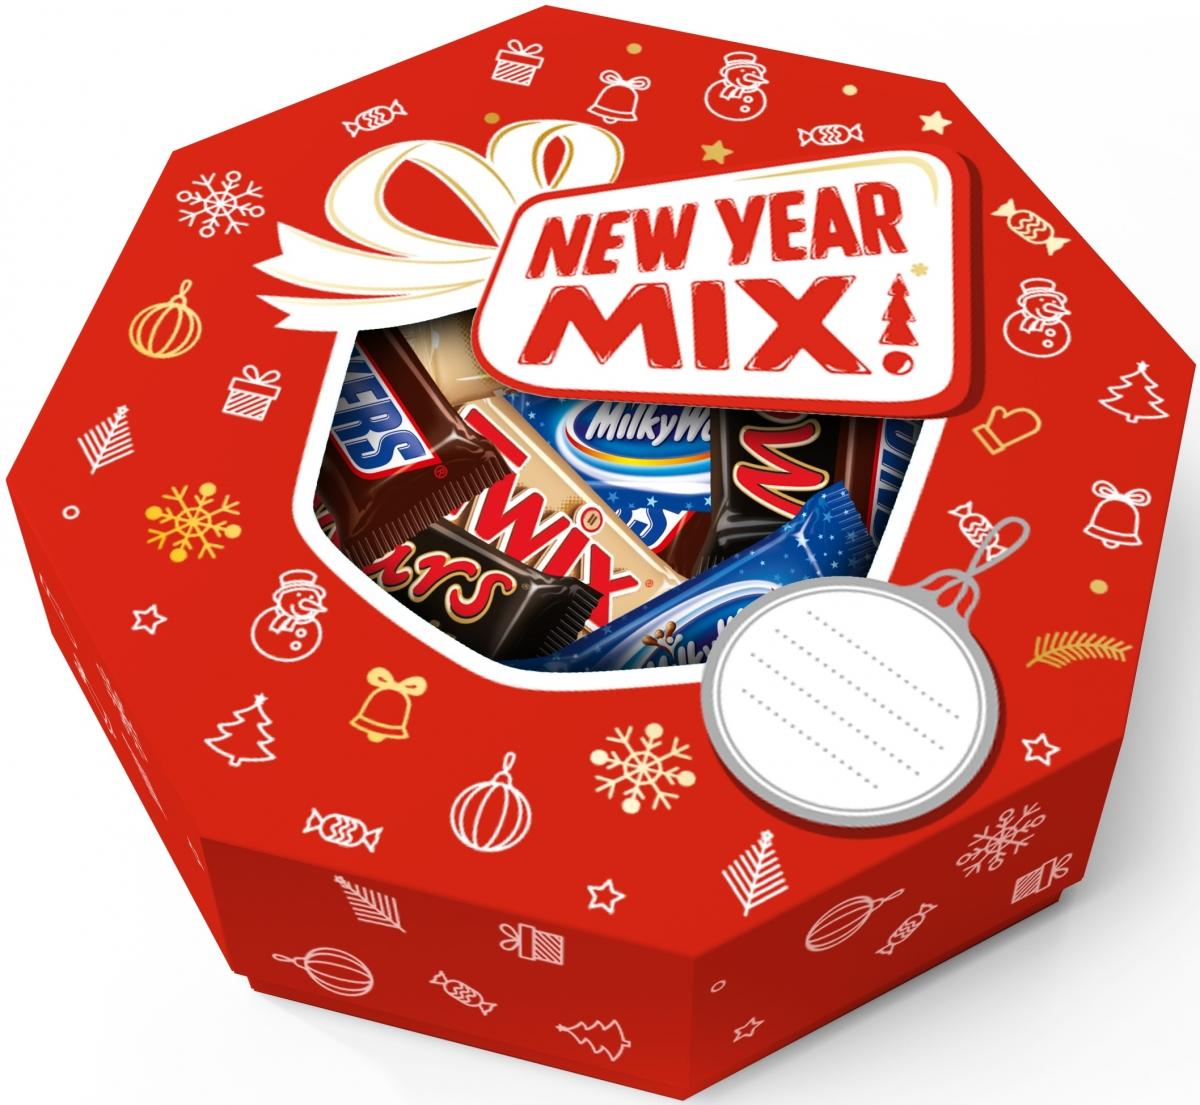 Minis Ассорти подарочный набор, 346 г4607065379919Новогодний набор New Year Mix - отличный подарок для родных, близких, детей и коллег! В наборе - только самые известные и любимые шоколадные батончики, конфеты и драже: Сникерс, Твикс, Баунти и, кончено же, M&Ms! Яркая упаковка дополняет этот разнообразный ассортимент и делает ваш подарок по-настоящему незабываемым!